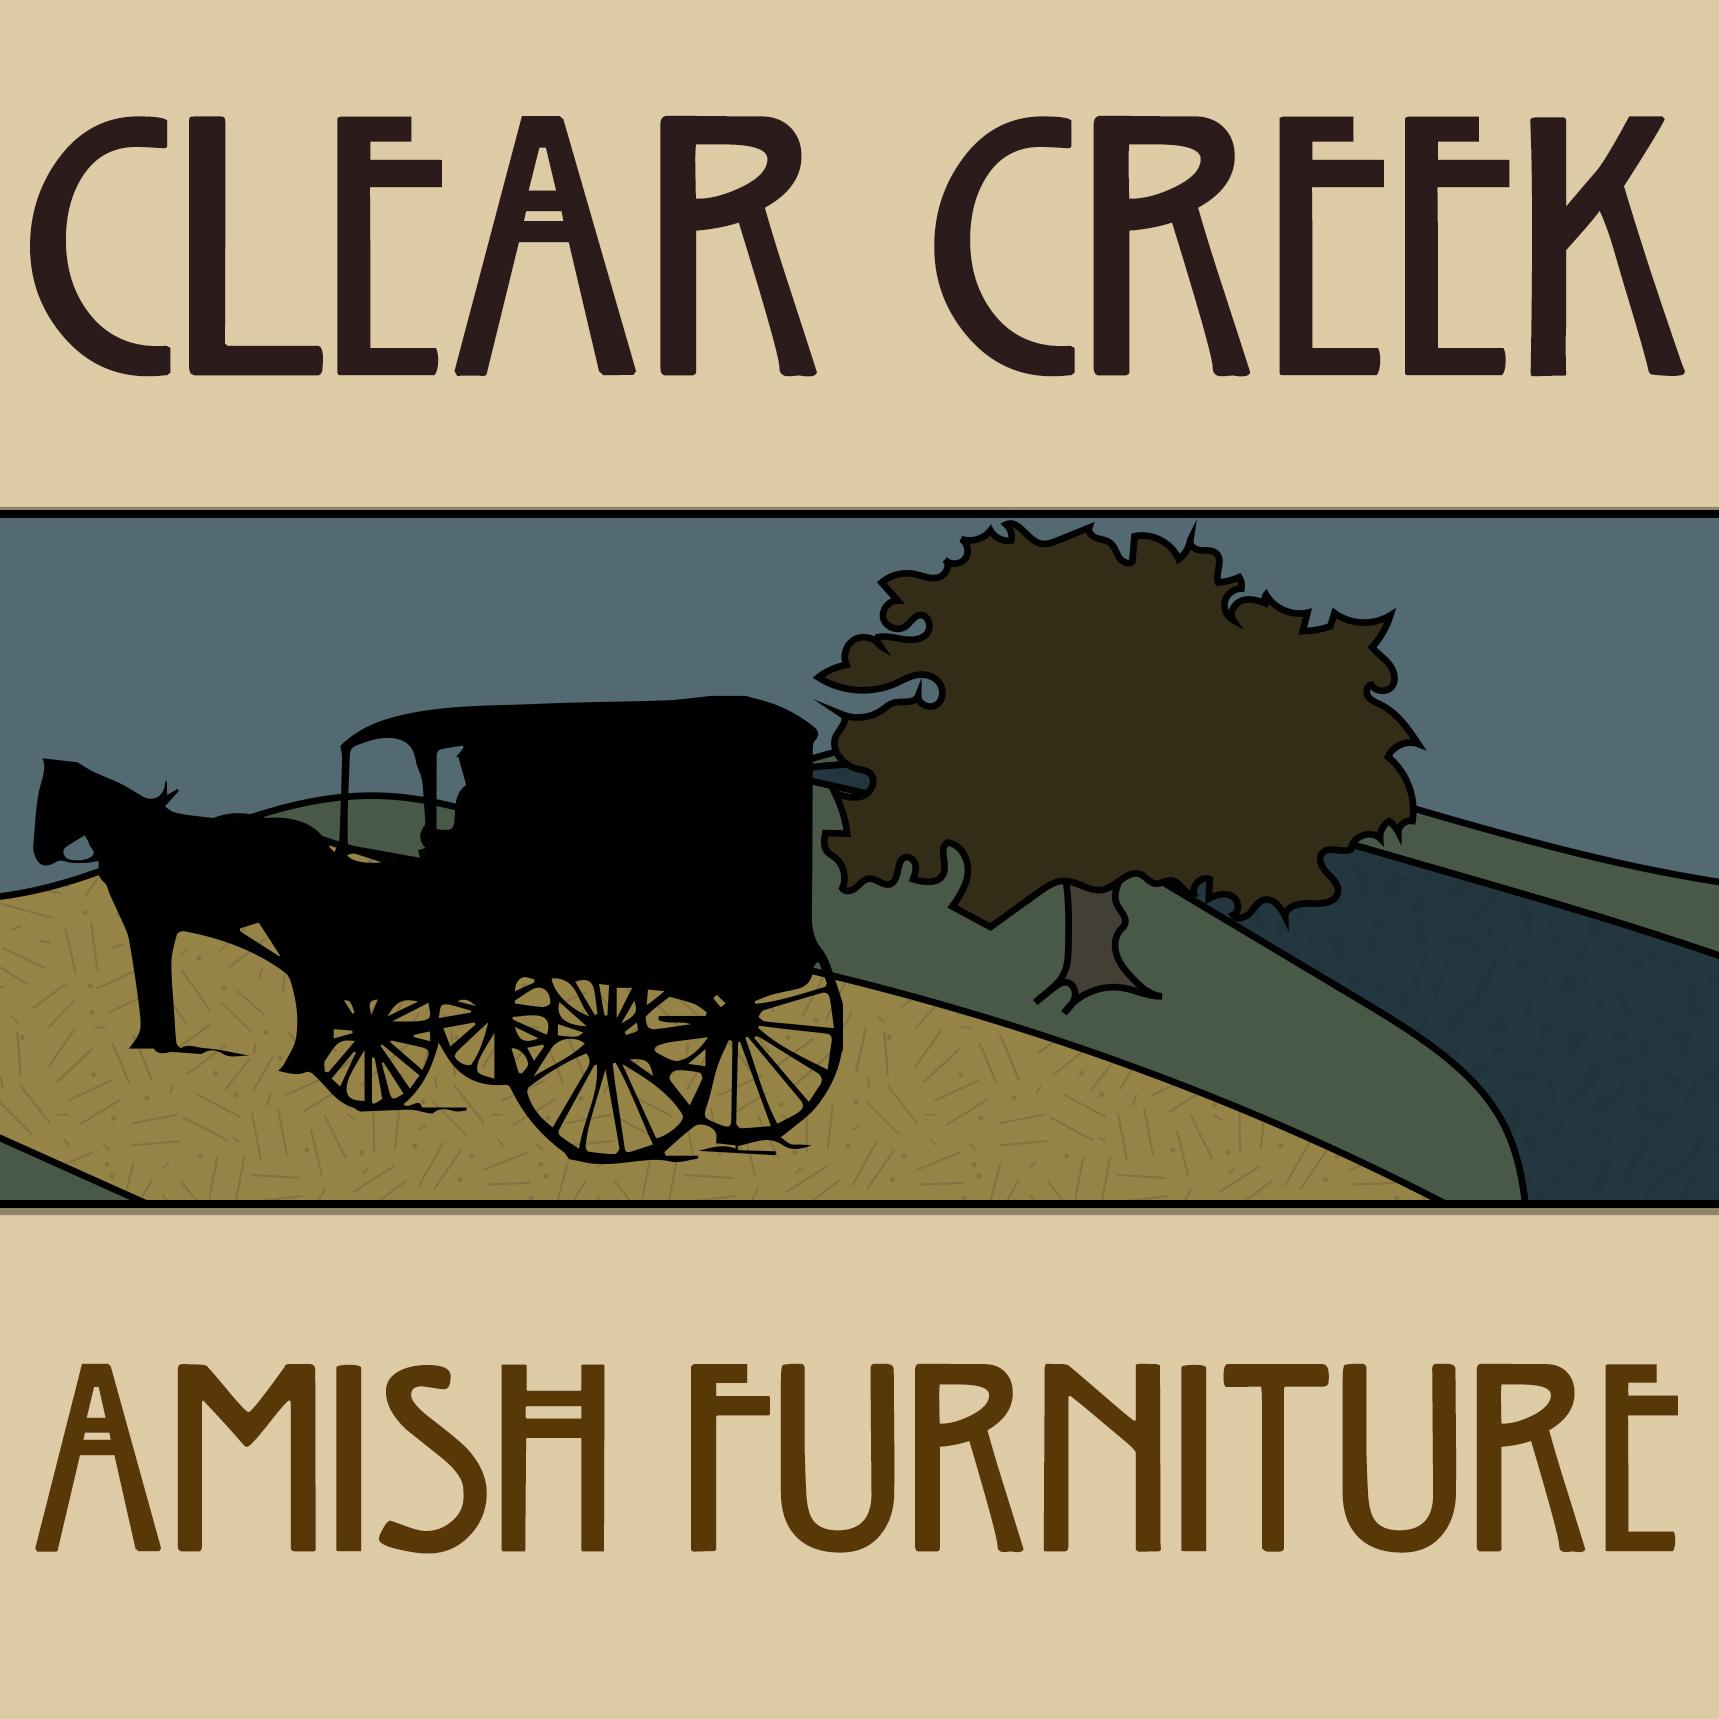 Clear Creek Furniture